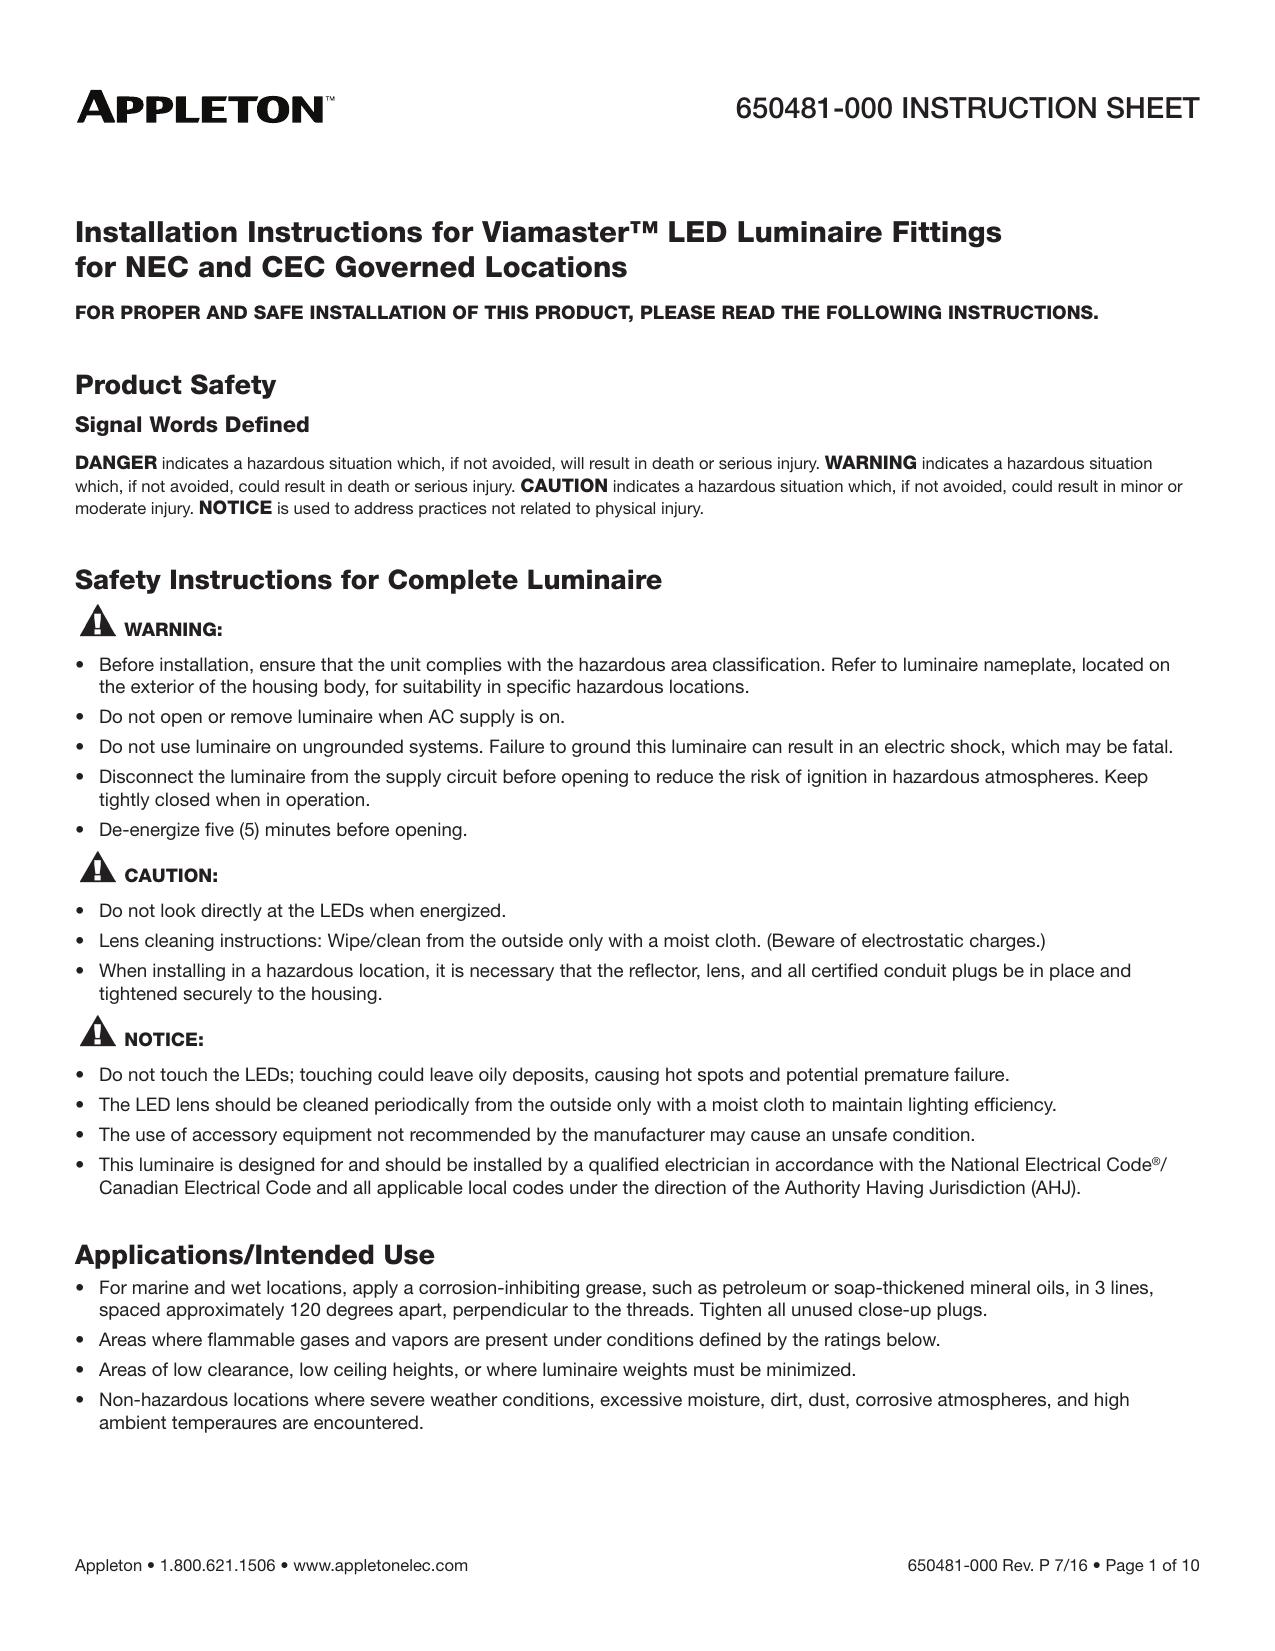 NEC and CEC Viamaster™ LED Series Luminaires | manualzz com